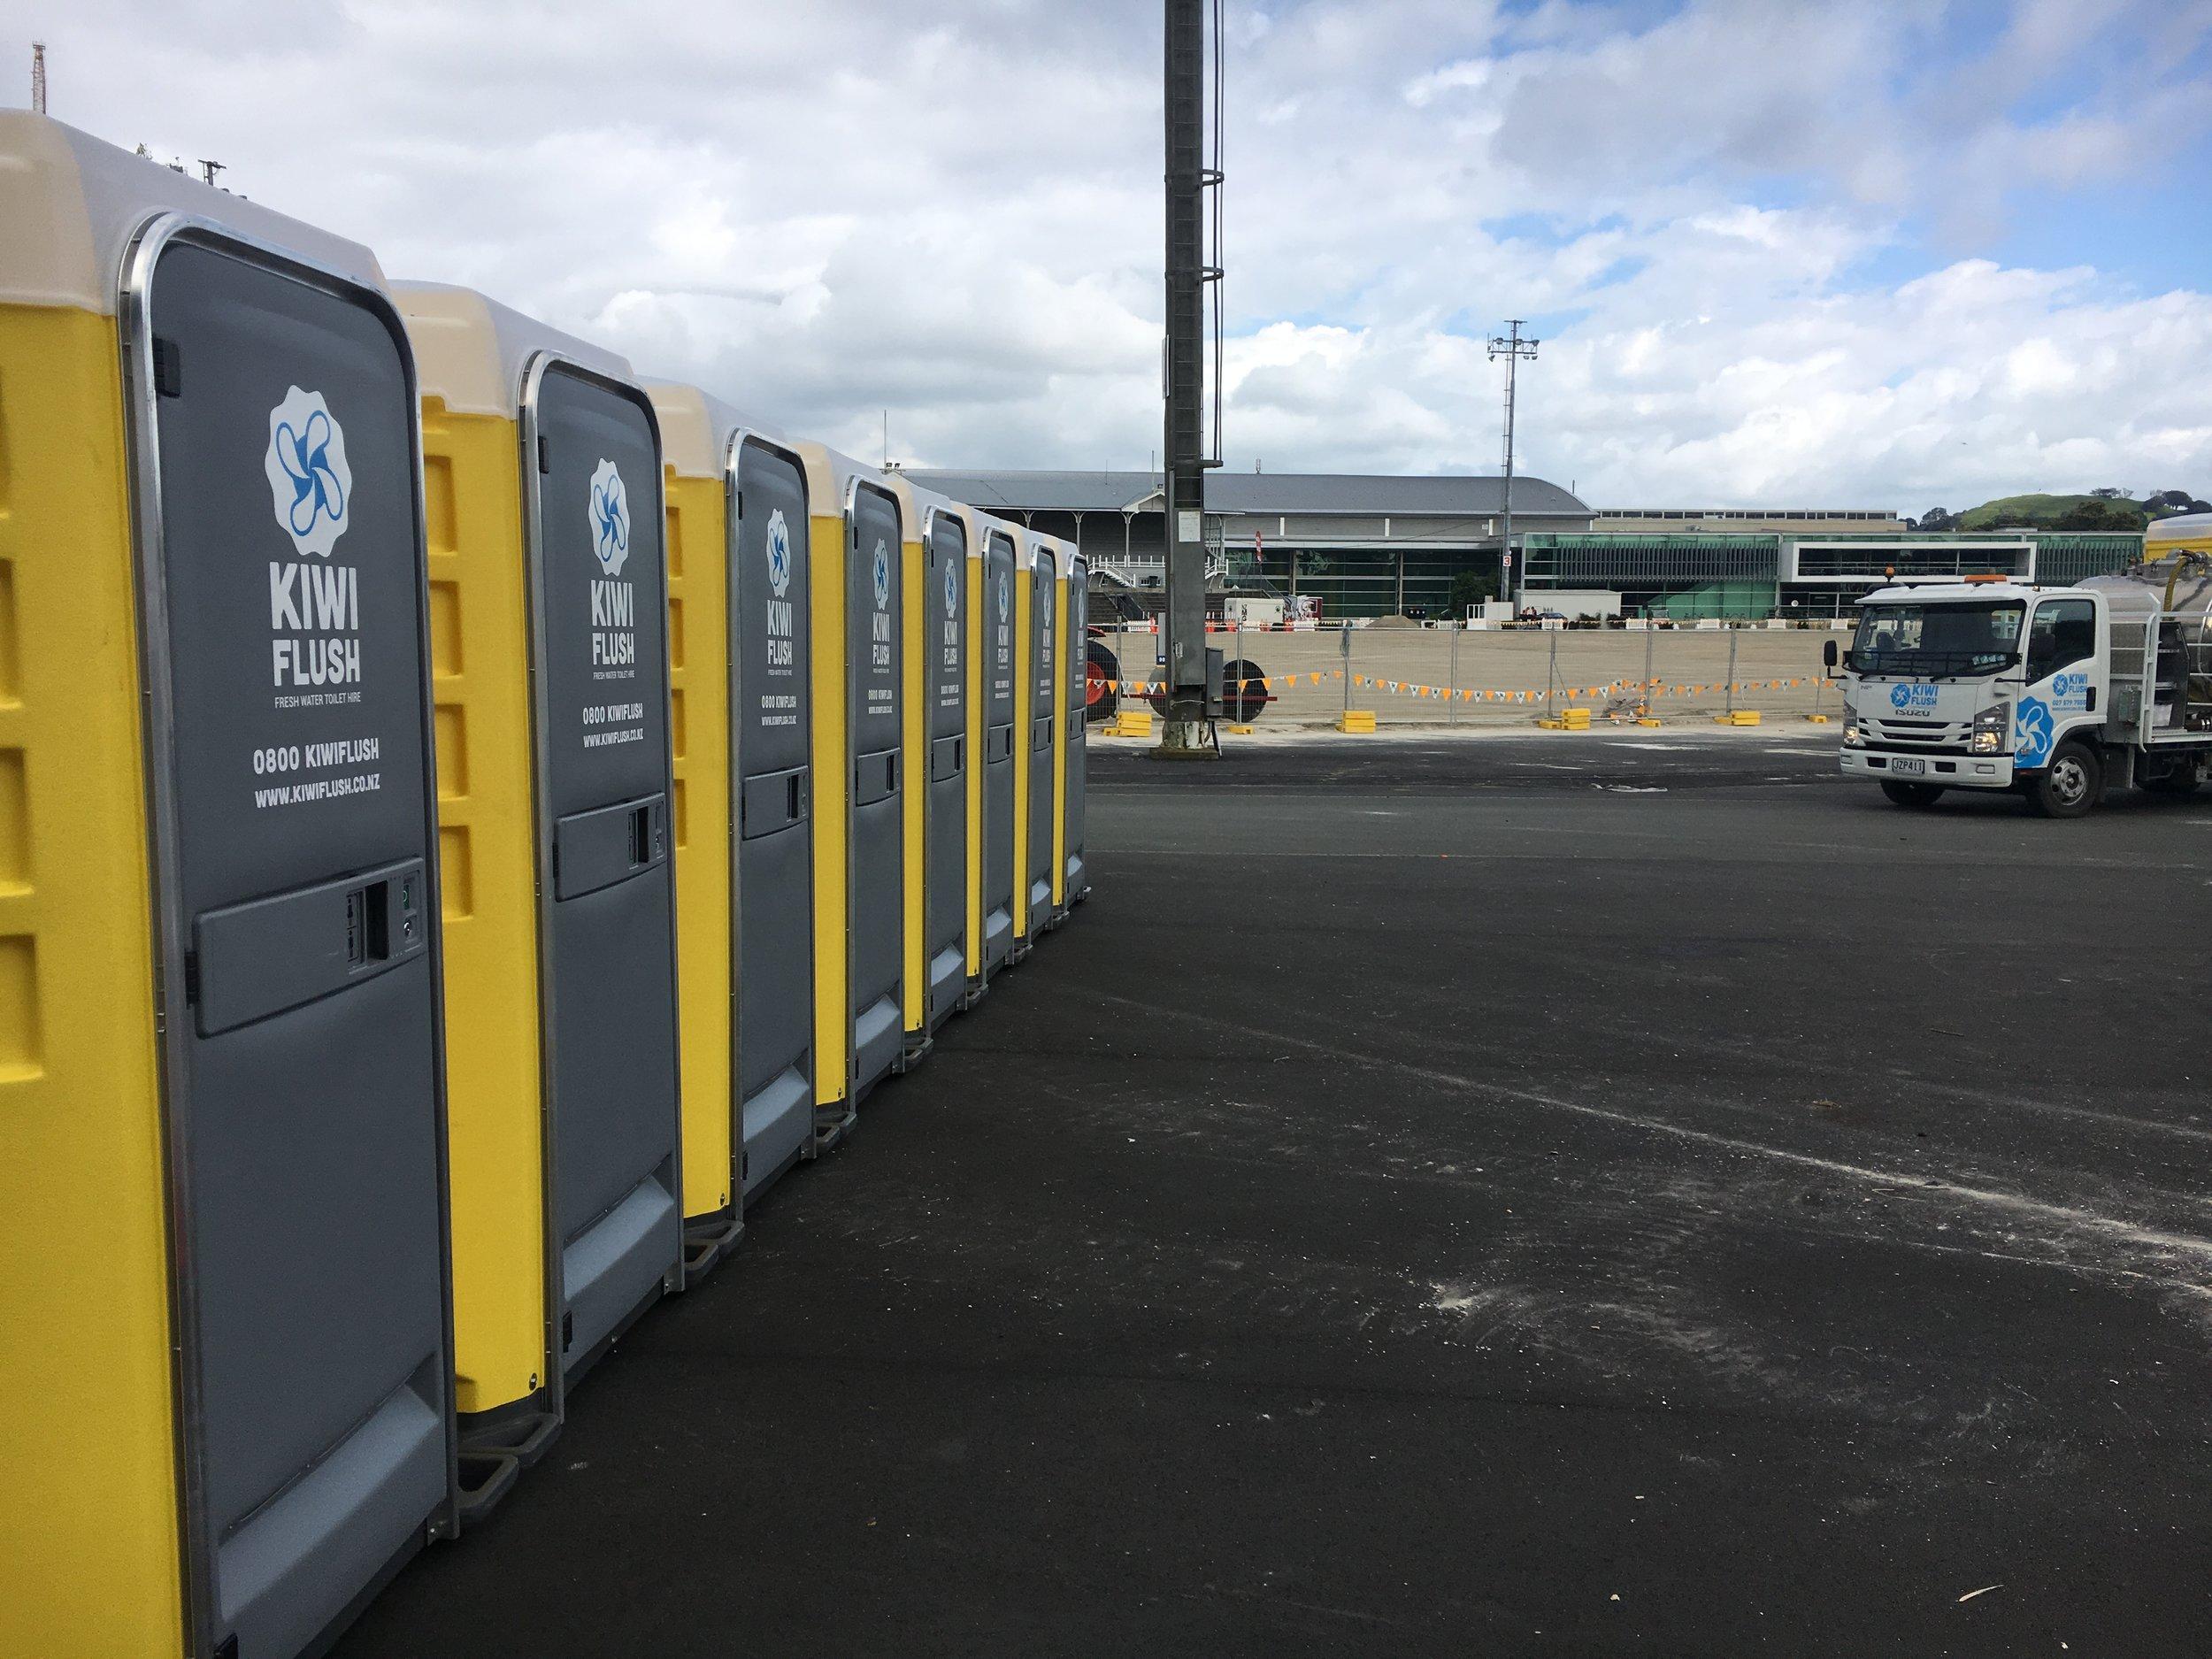 Kiwi Flush at Equitana, ASB Showgrounds